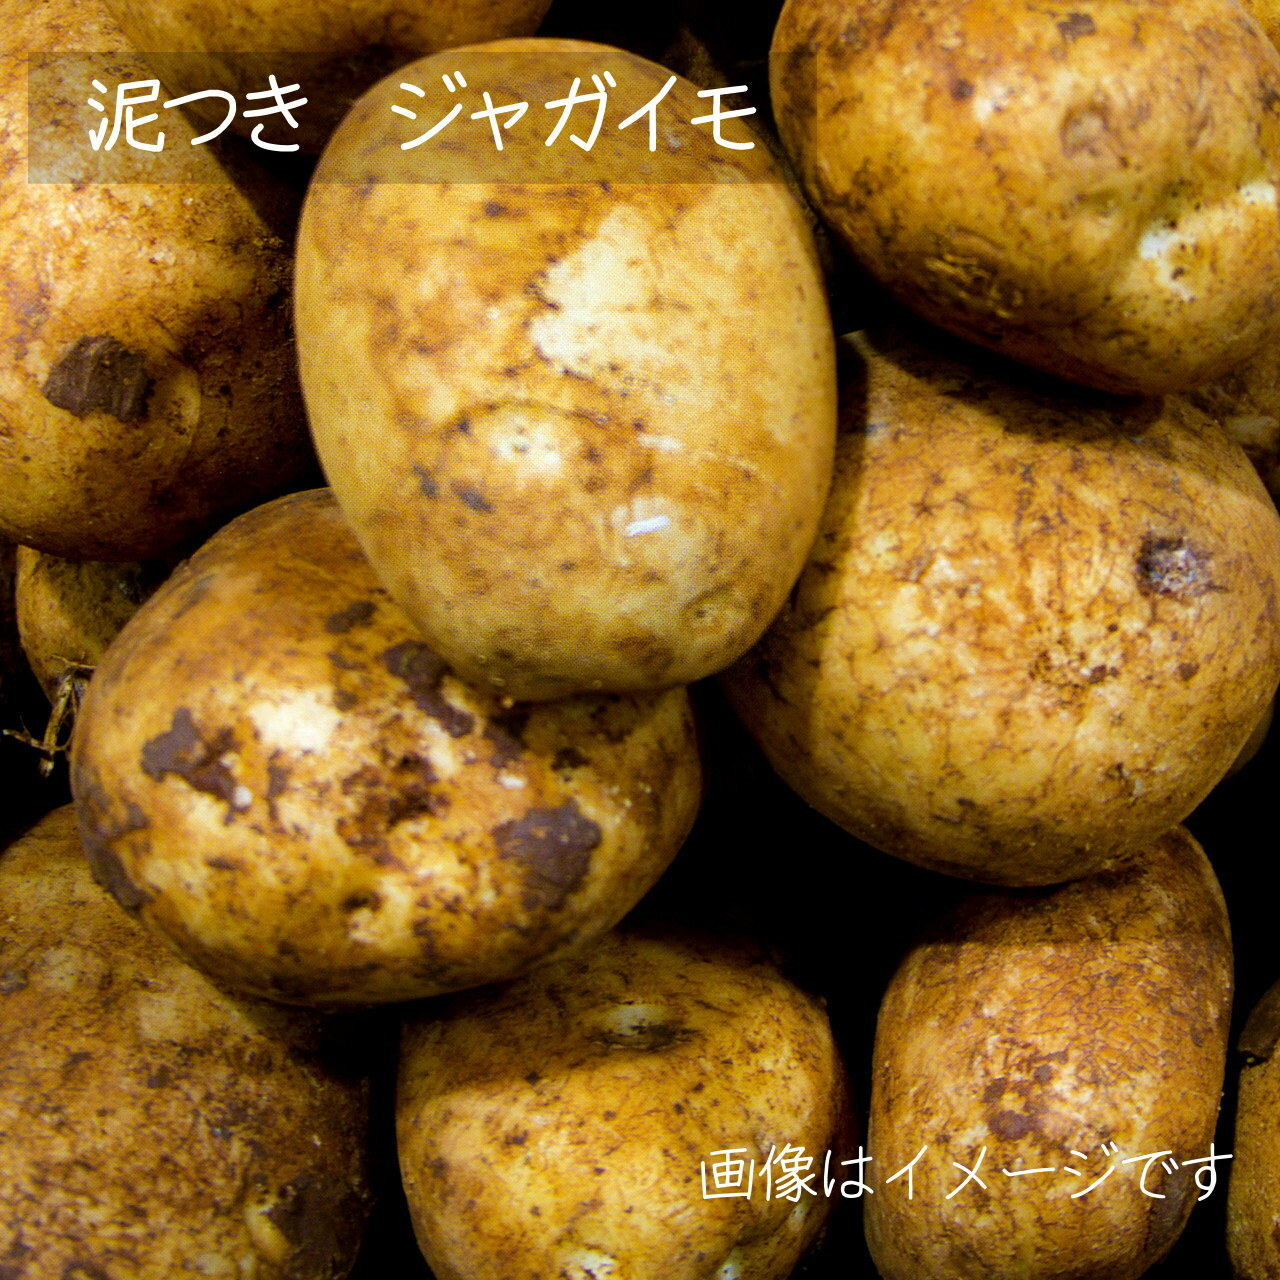 ジャガイモ 約500g : 6月の朝採り直売野菜 春の新鮮野菜 6月6日発送予定